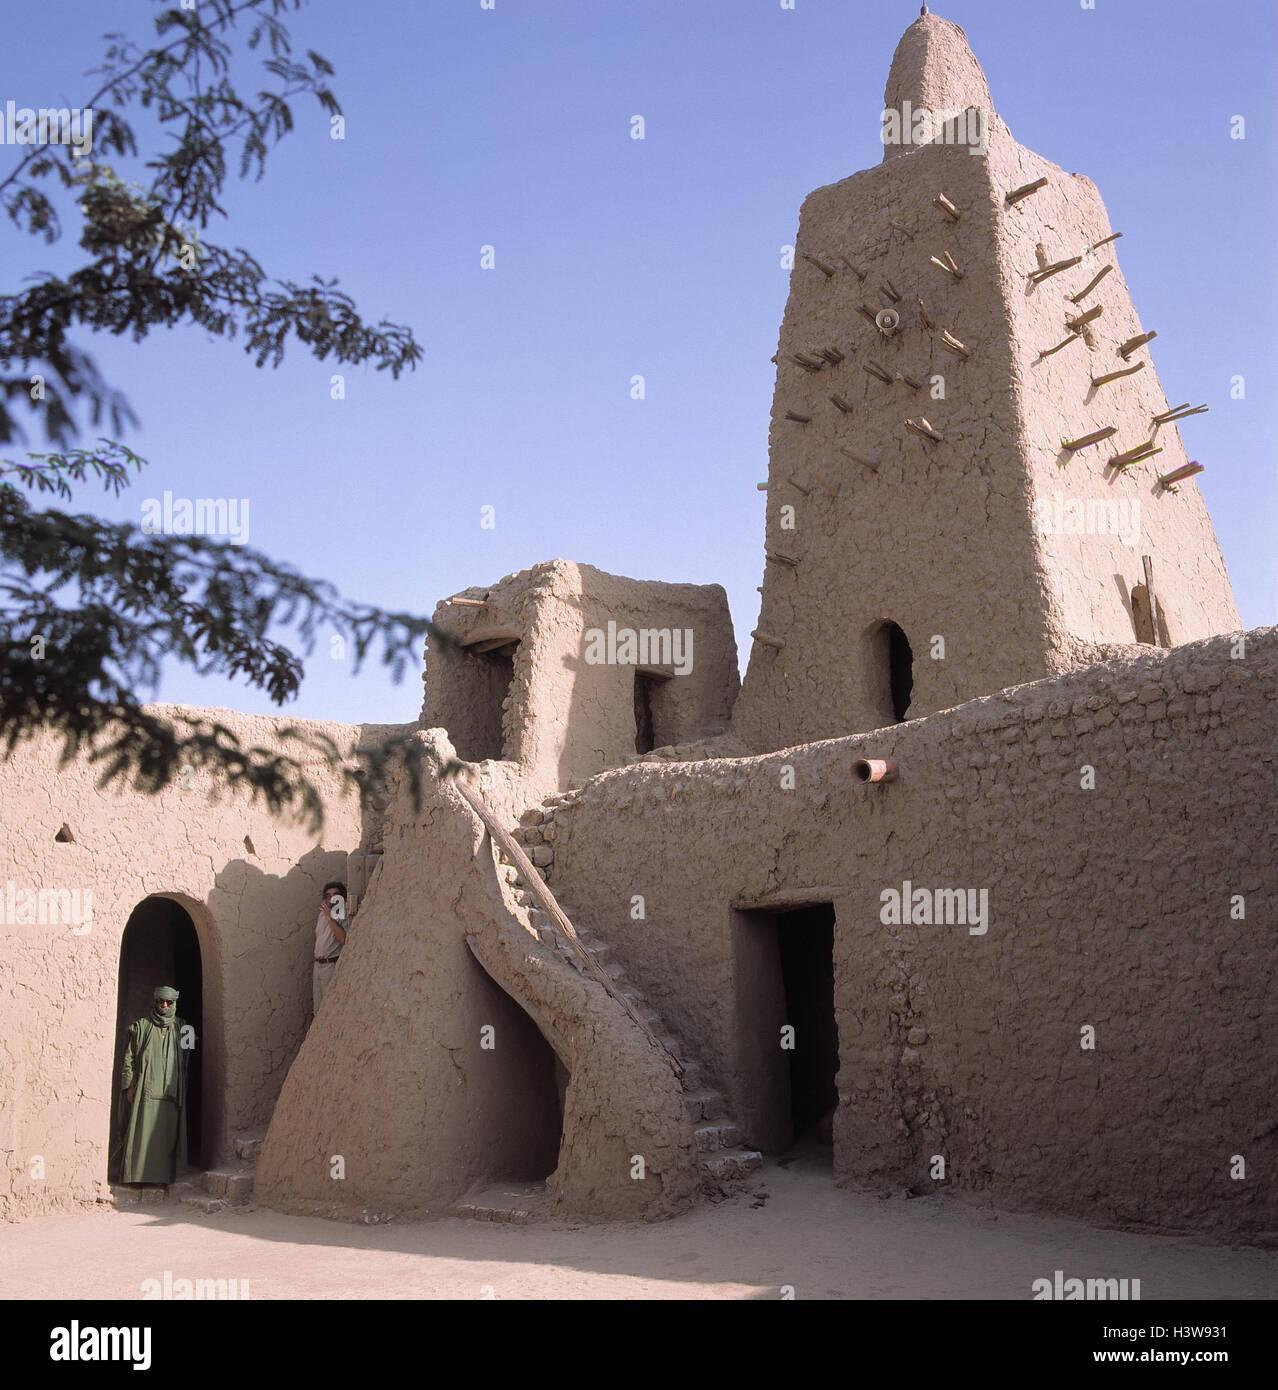 Mali, Timbuktu, große Moschee, Moschee Djinger Rep, detail, Afrika, Oasenstadt, Struktur, Ort von Interesse, Stockbild